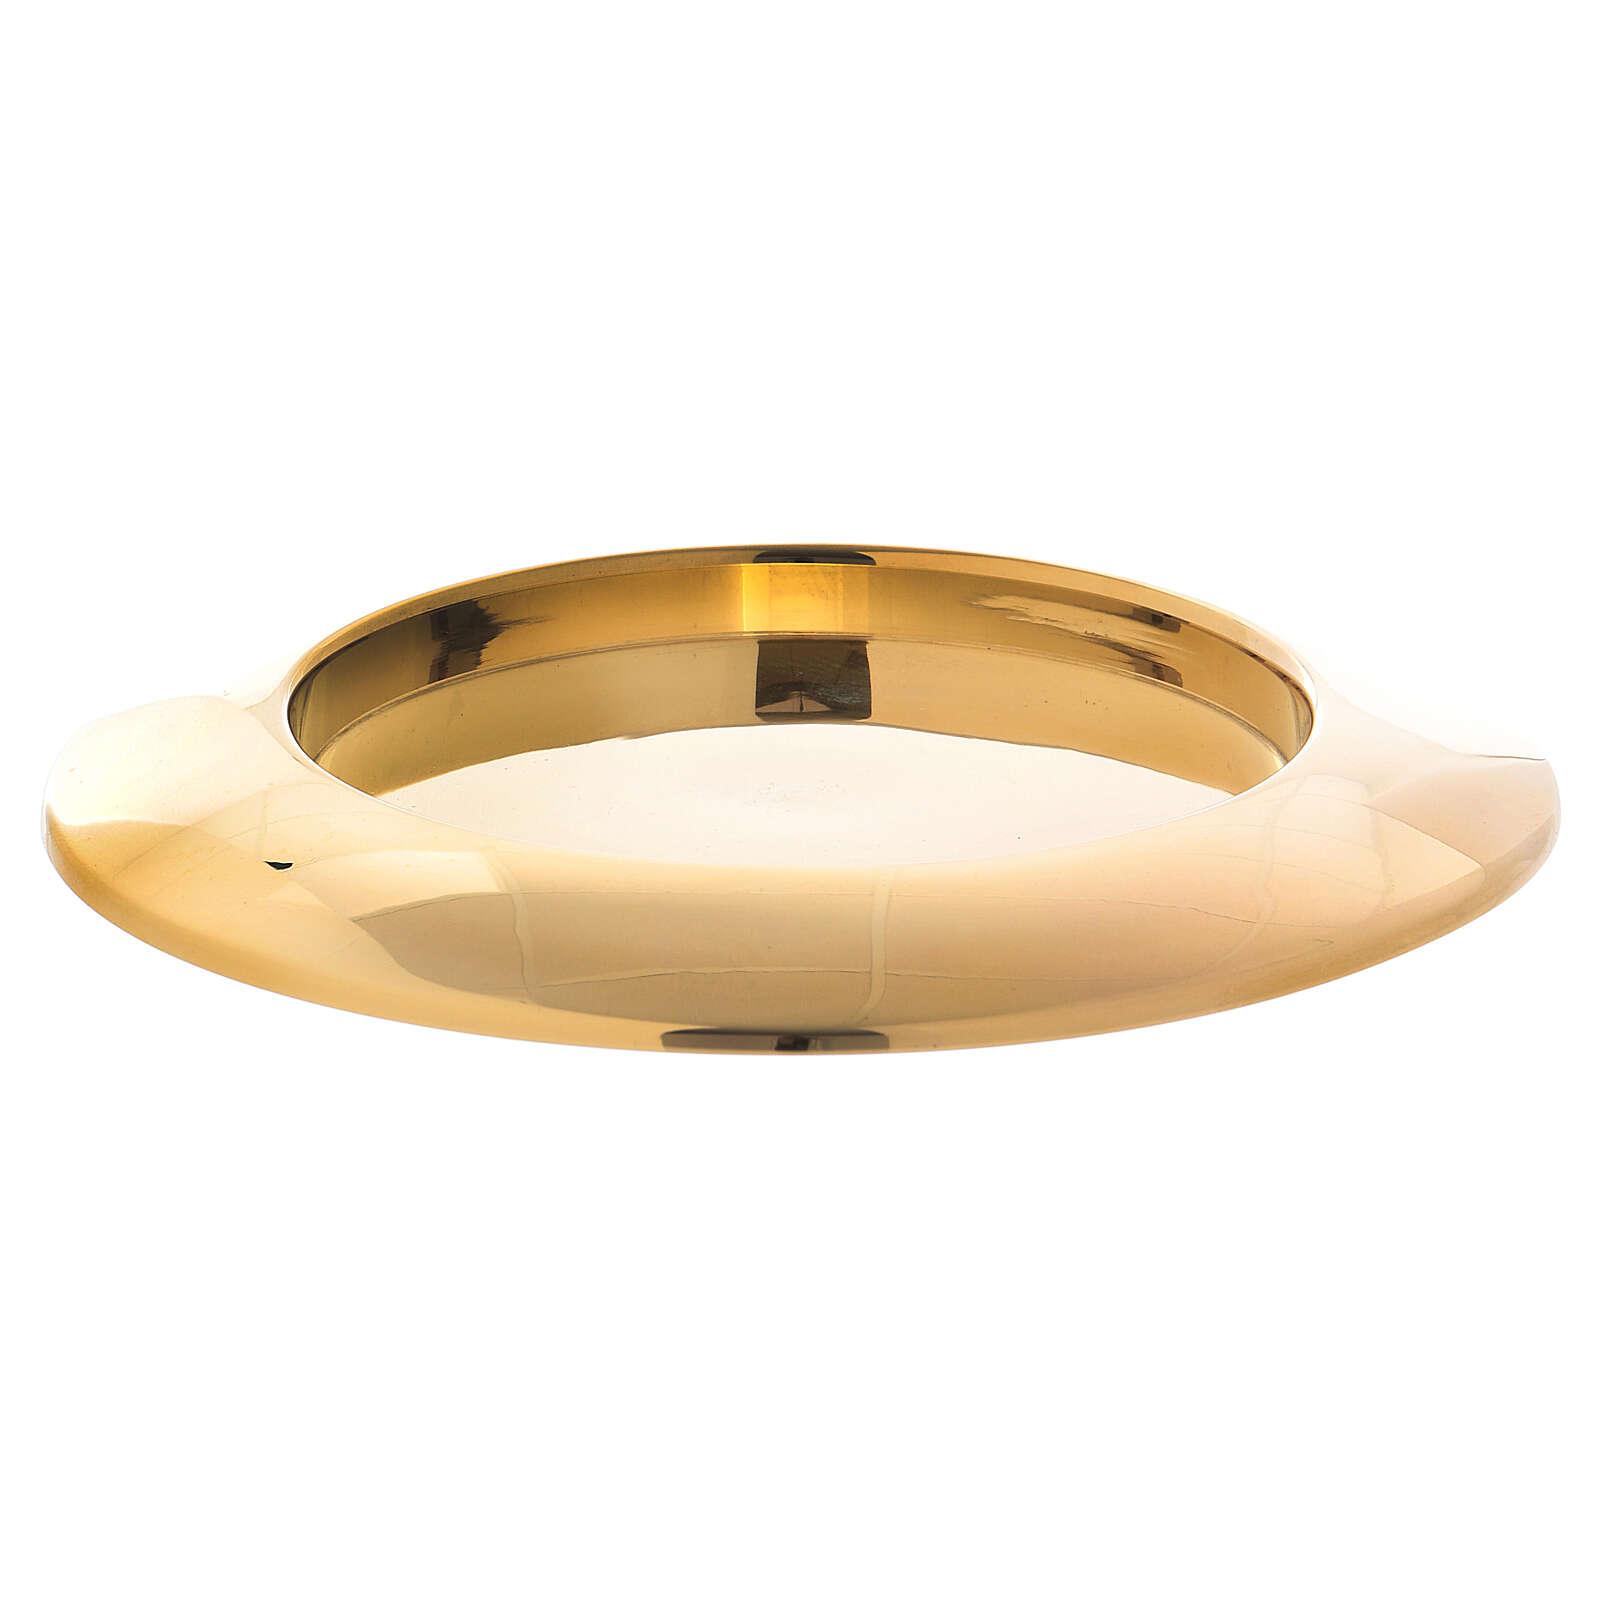 Prato porta-vela bordo elevado latão dourado 3